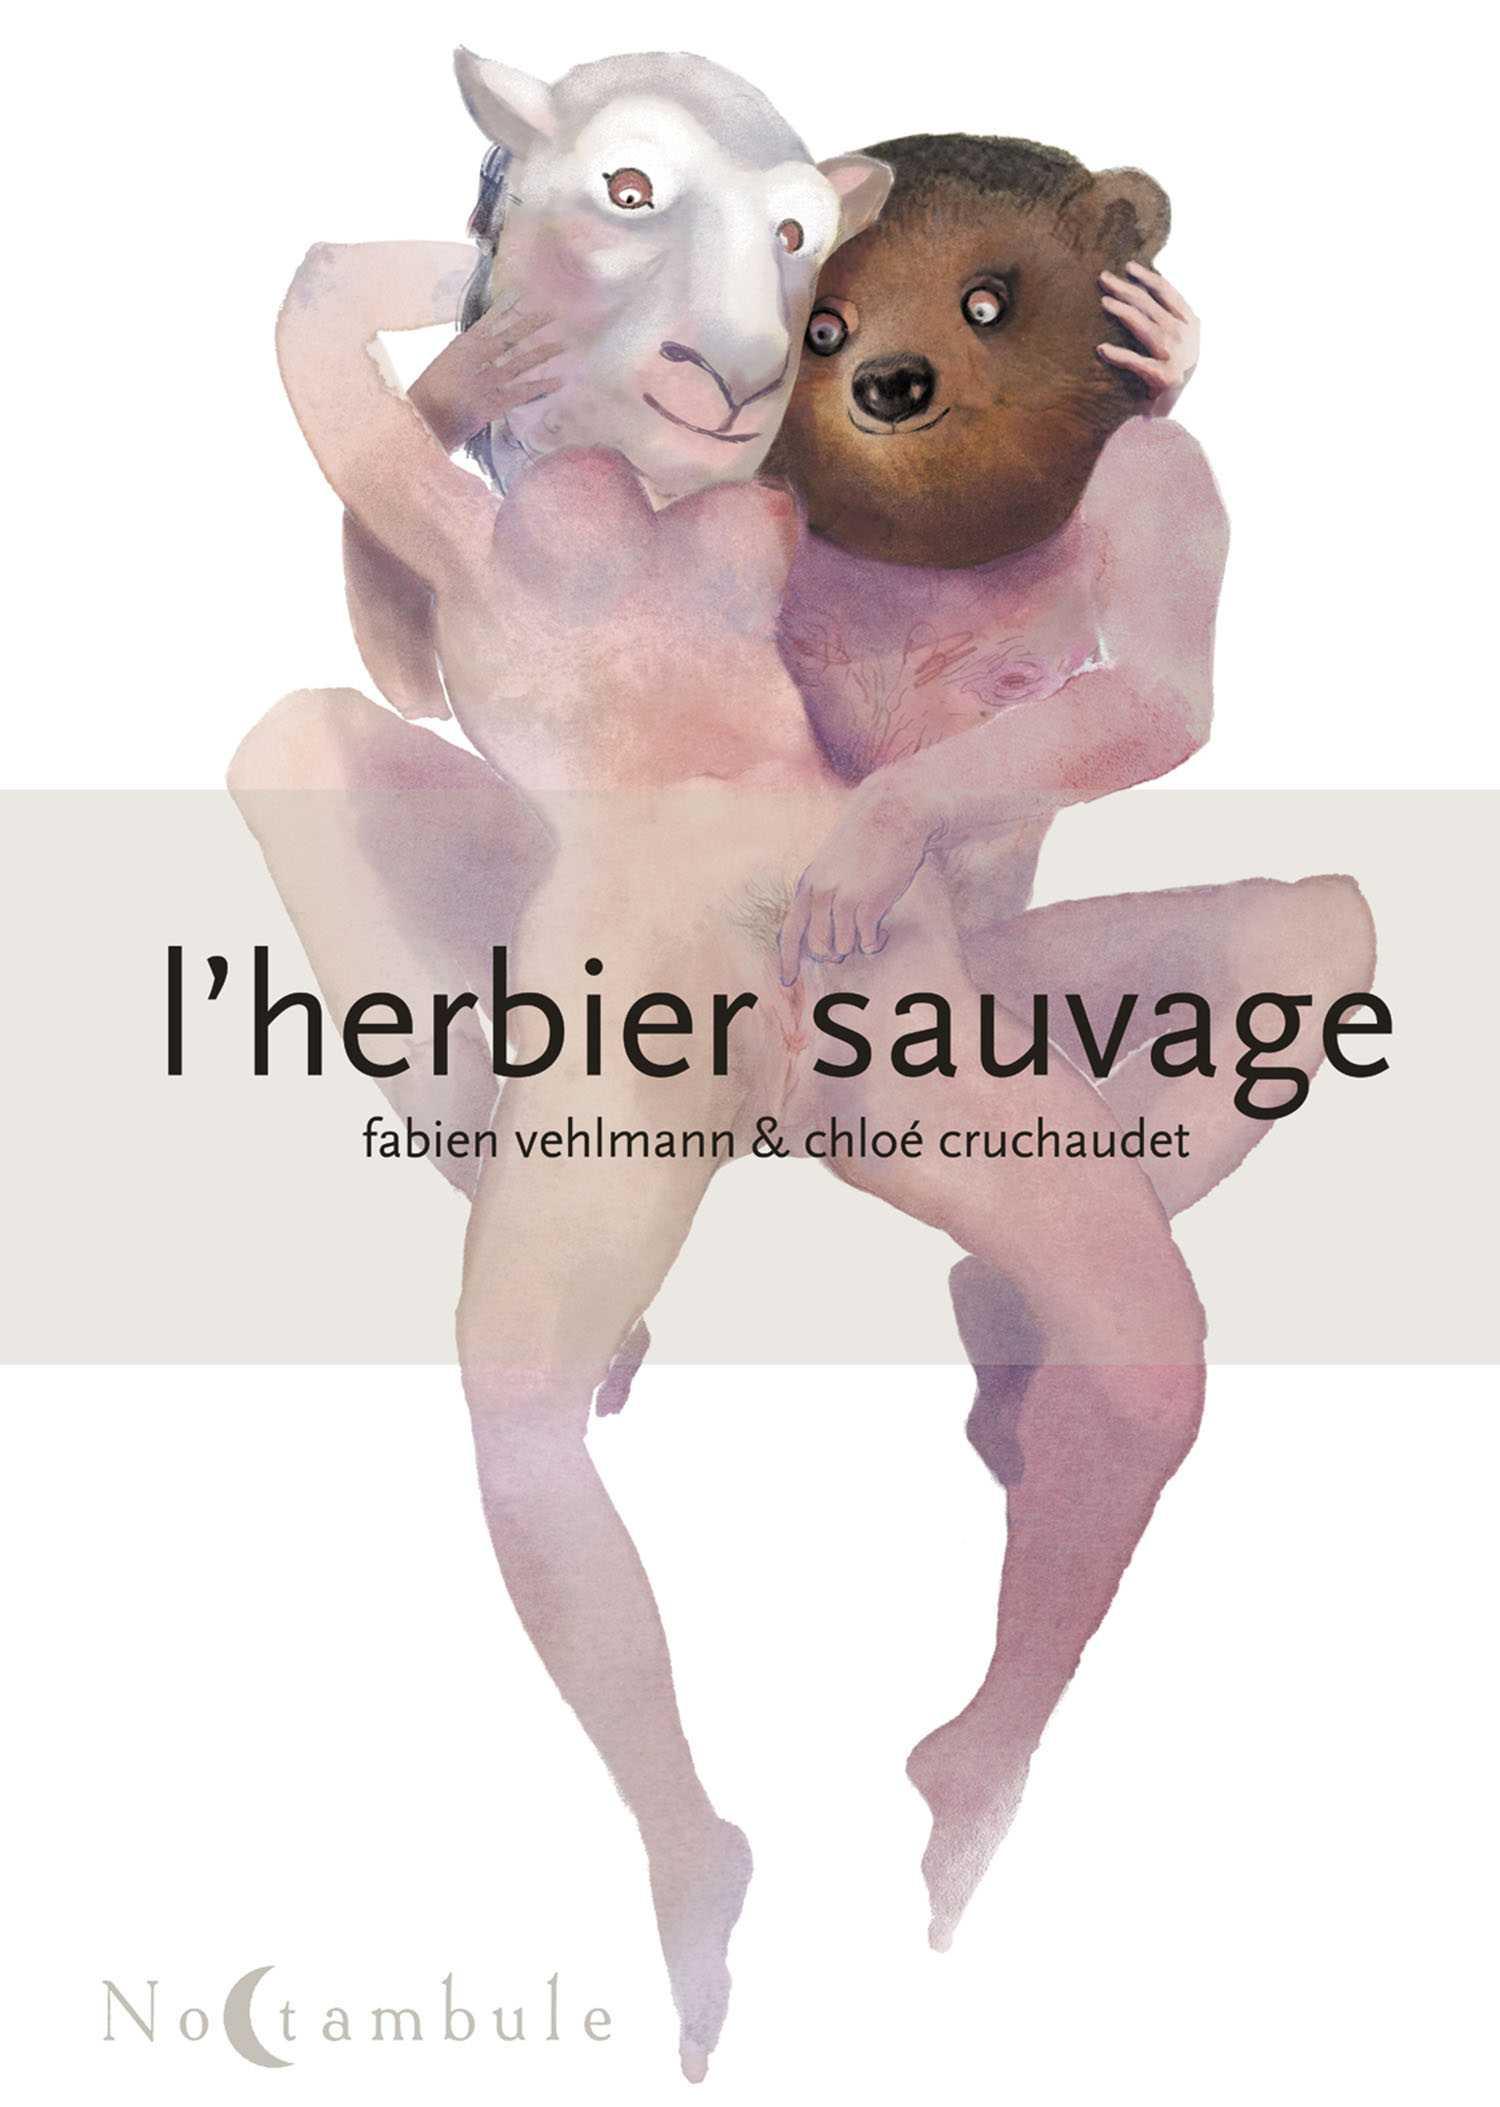 L'Herbier sauvage, Vehlmann étonne, séduit, ethnologue curieux des rapports amoureux